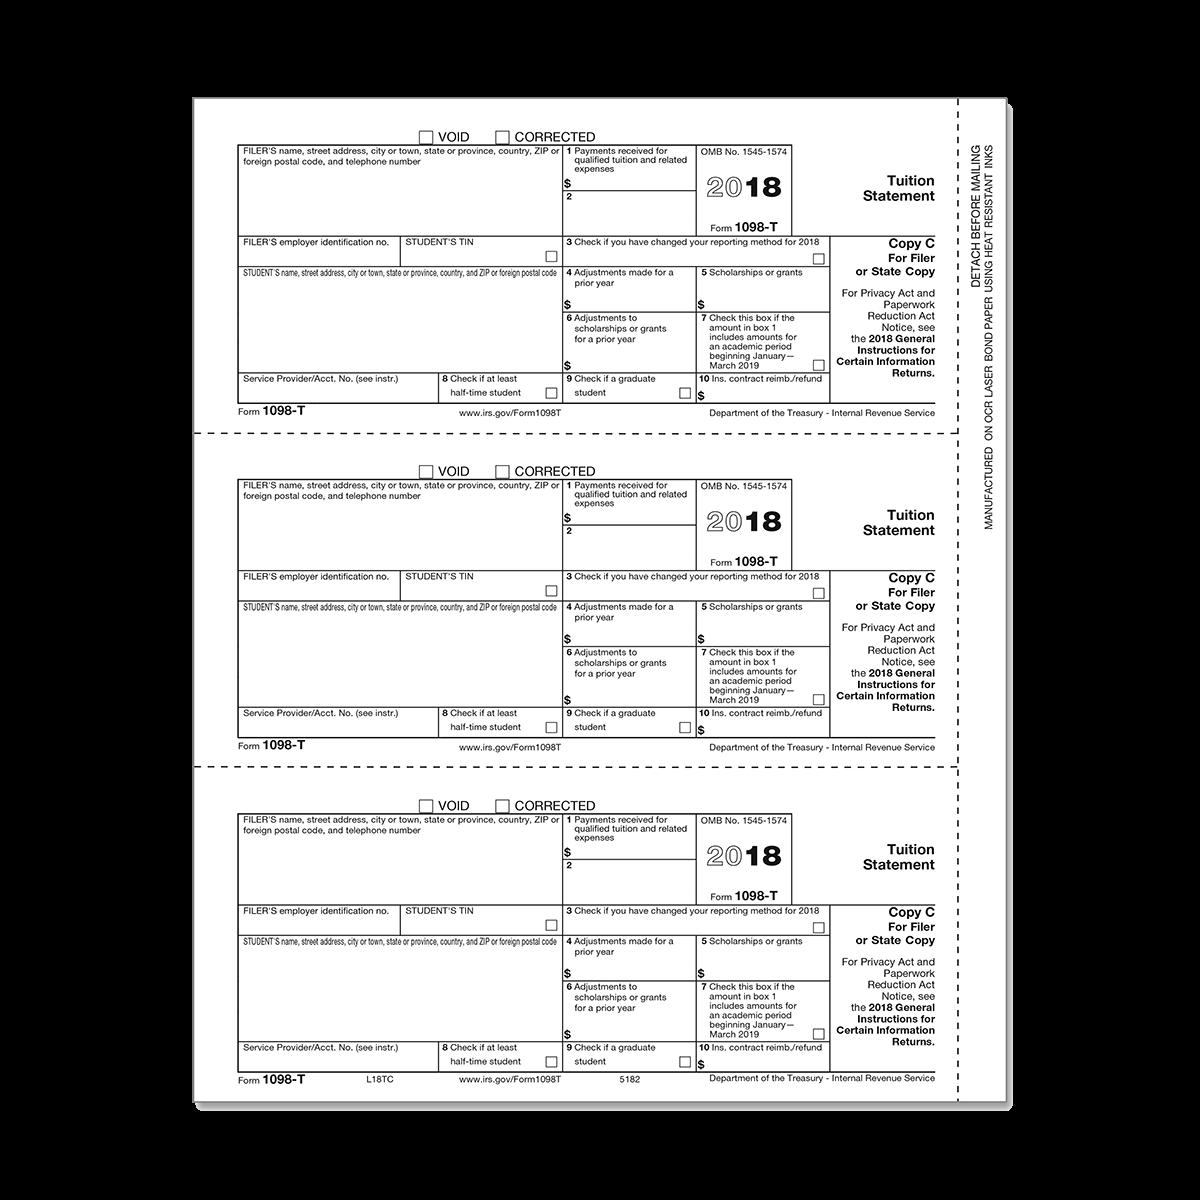 Form 1098-T Filer Copy C | Mines Press